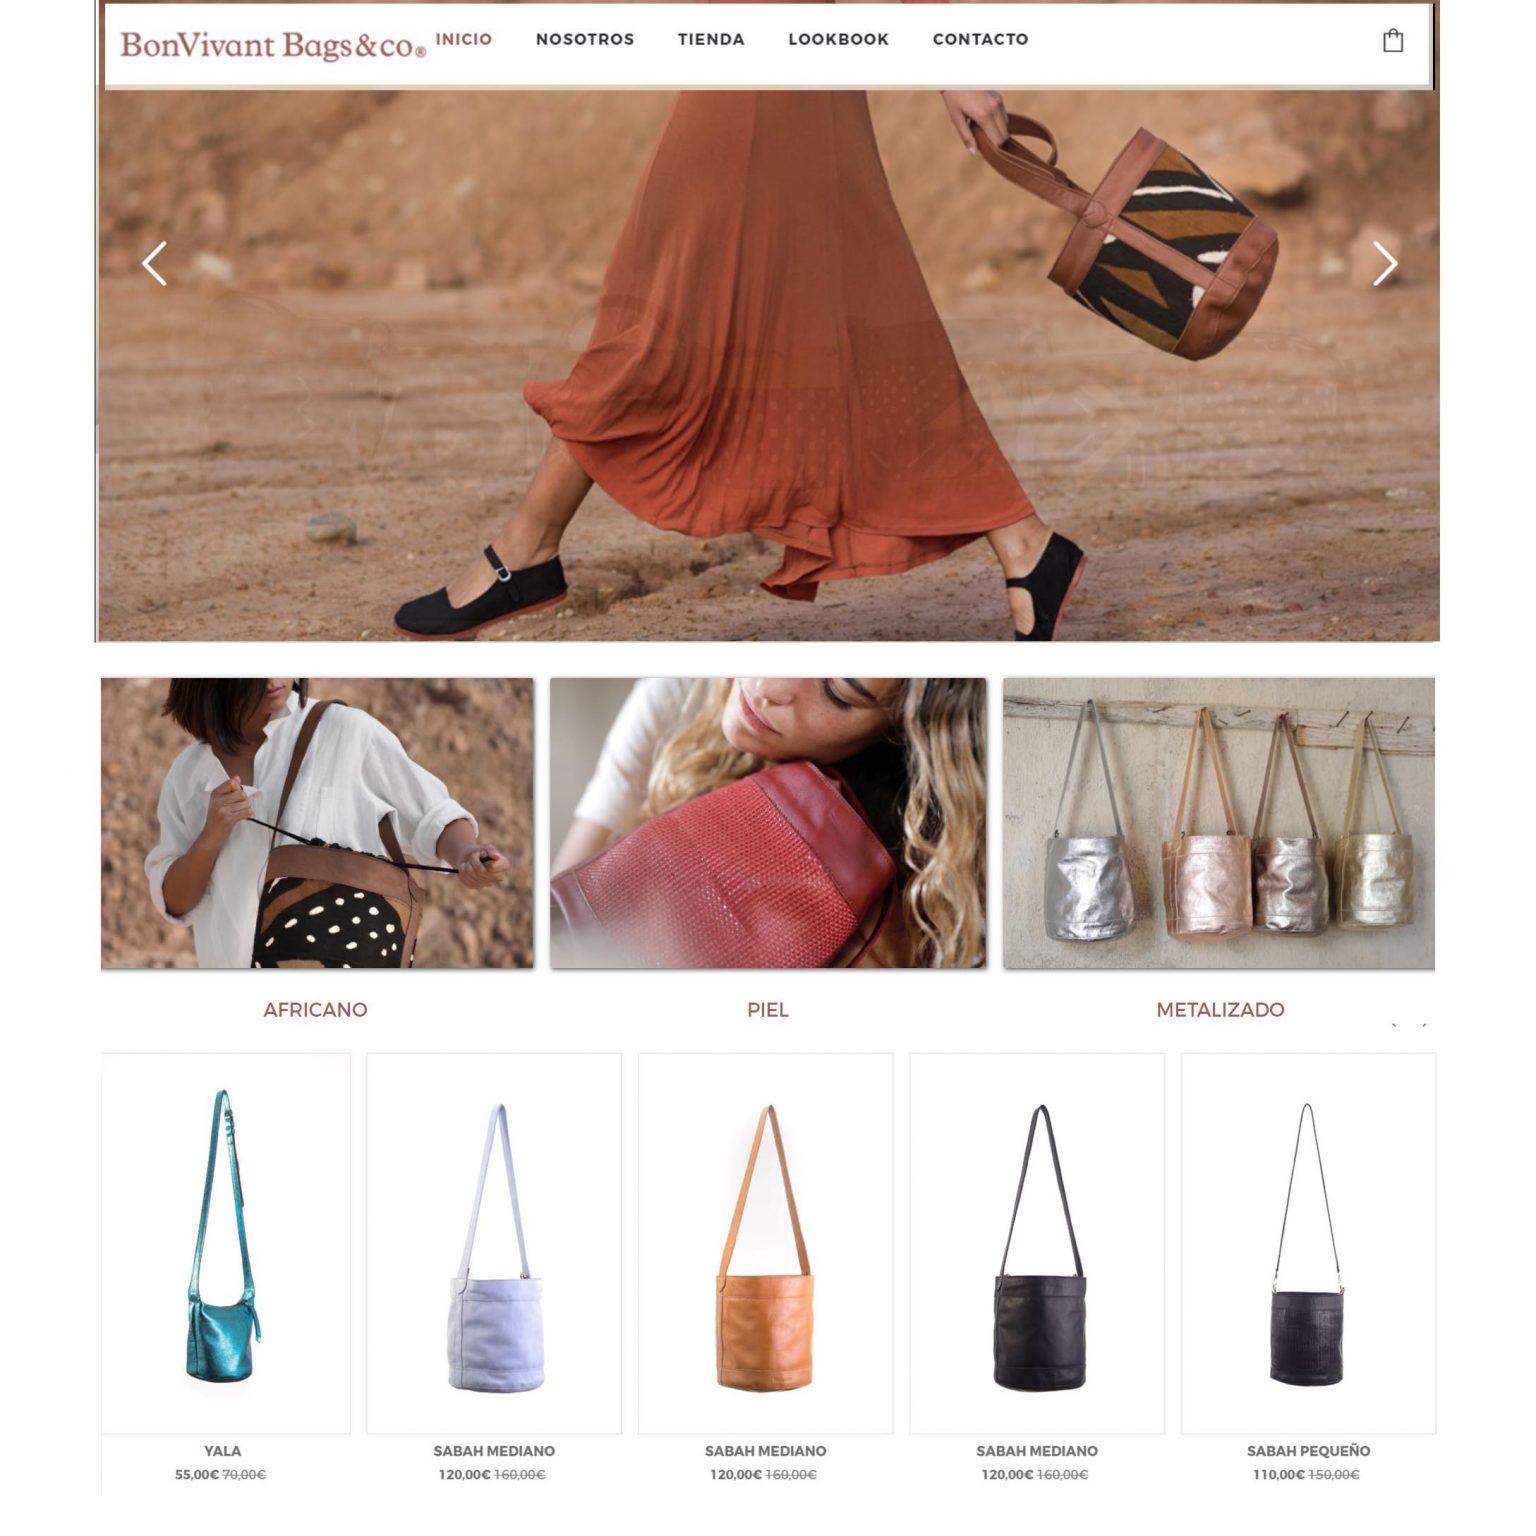 Web de bolsos artesanales